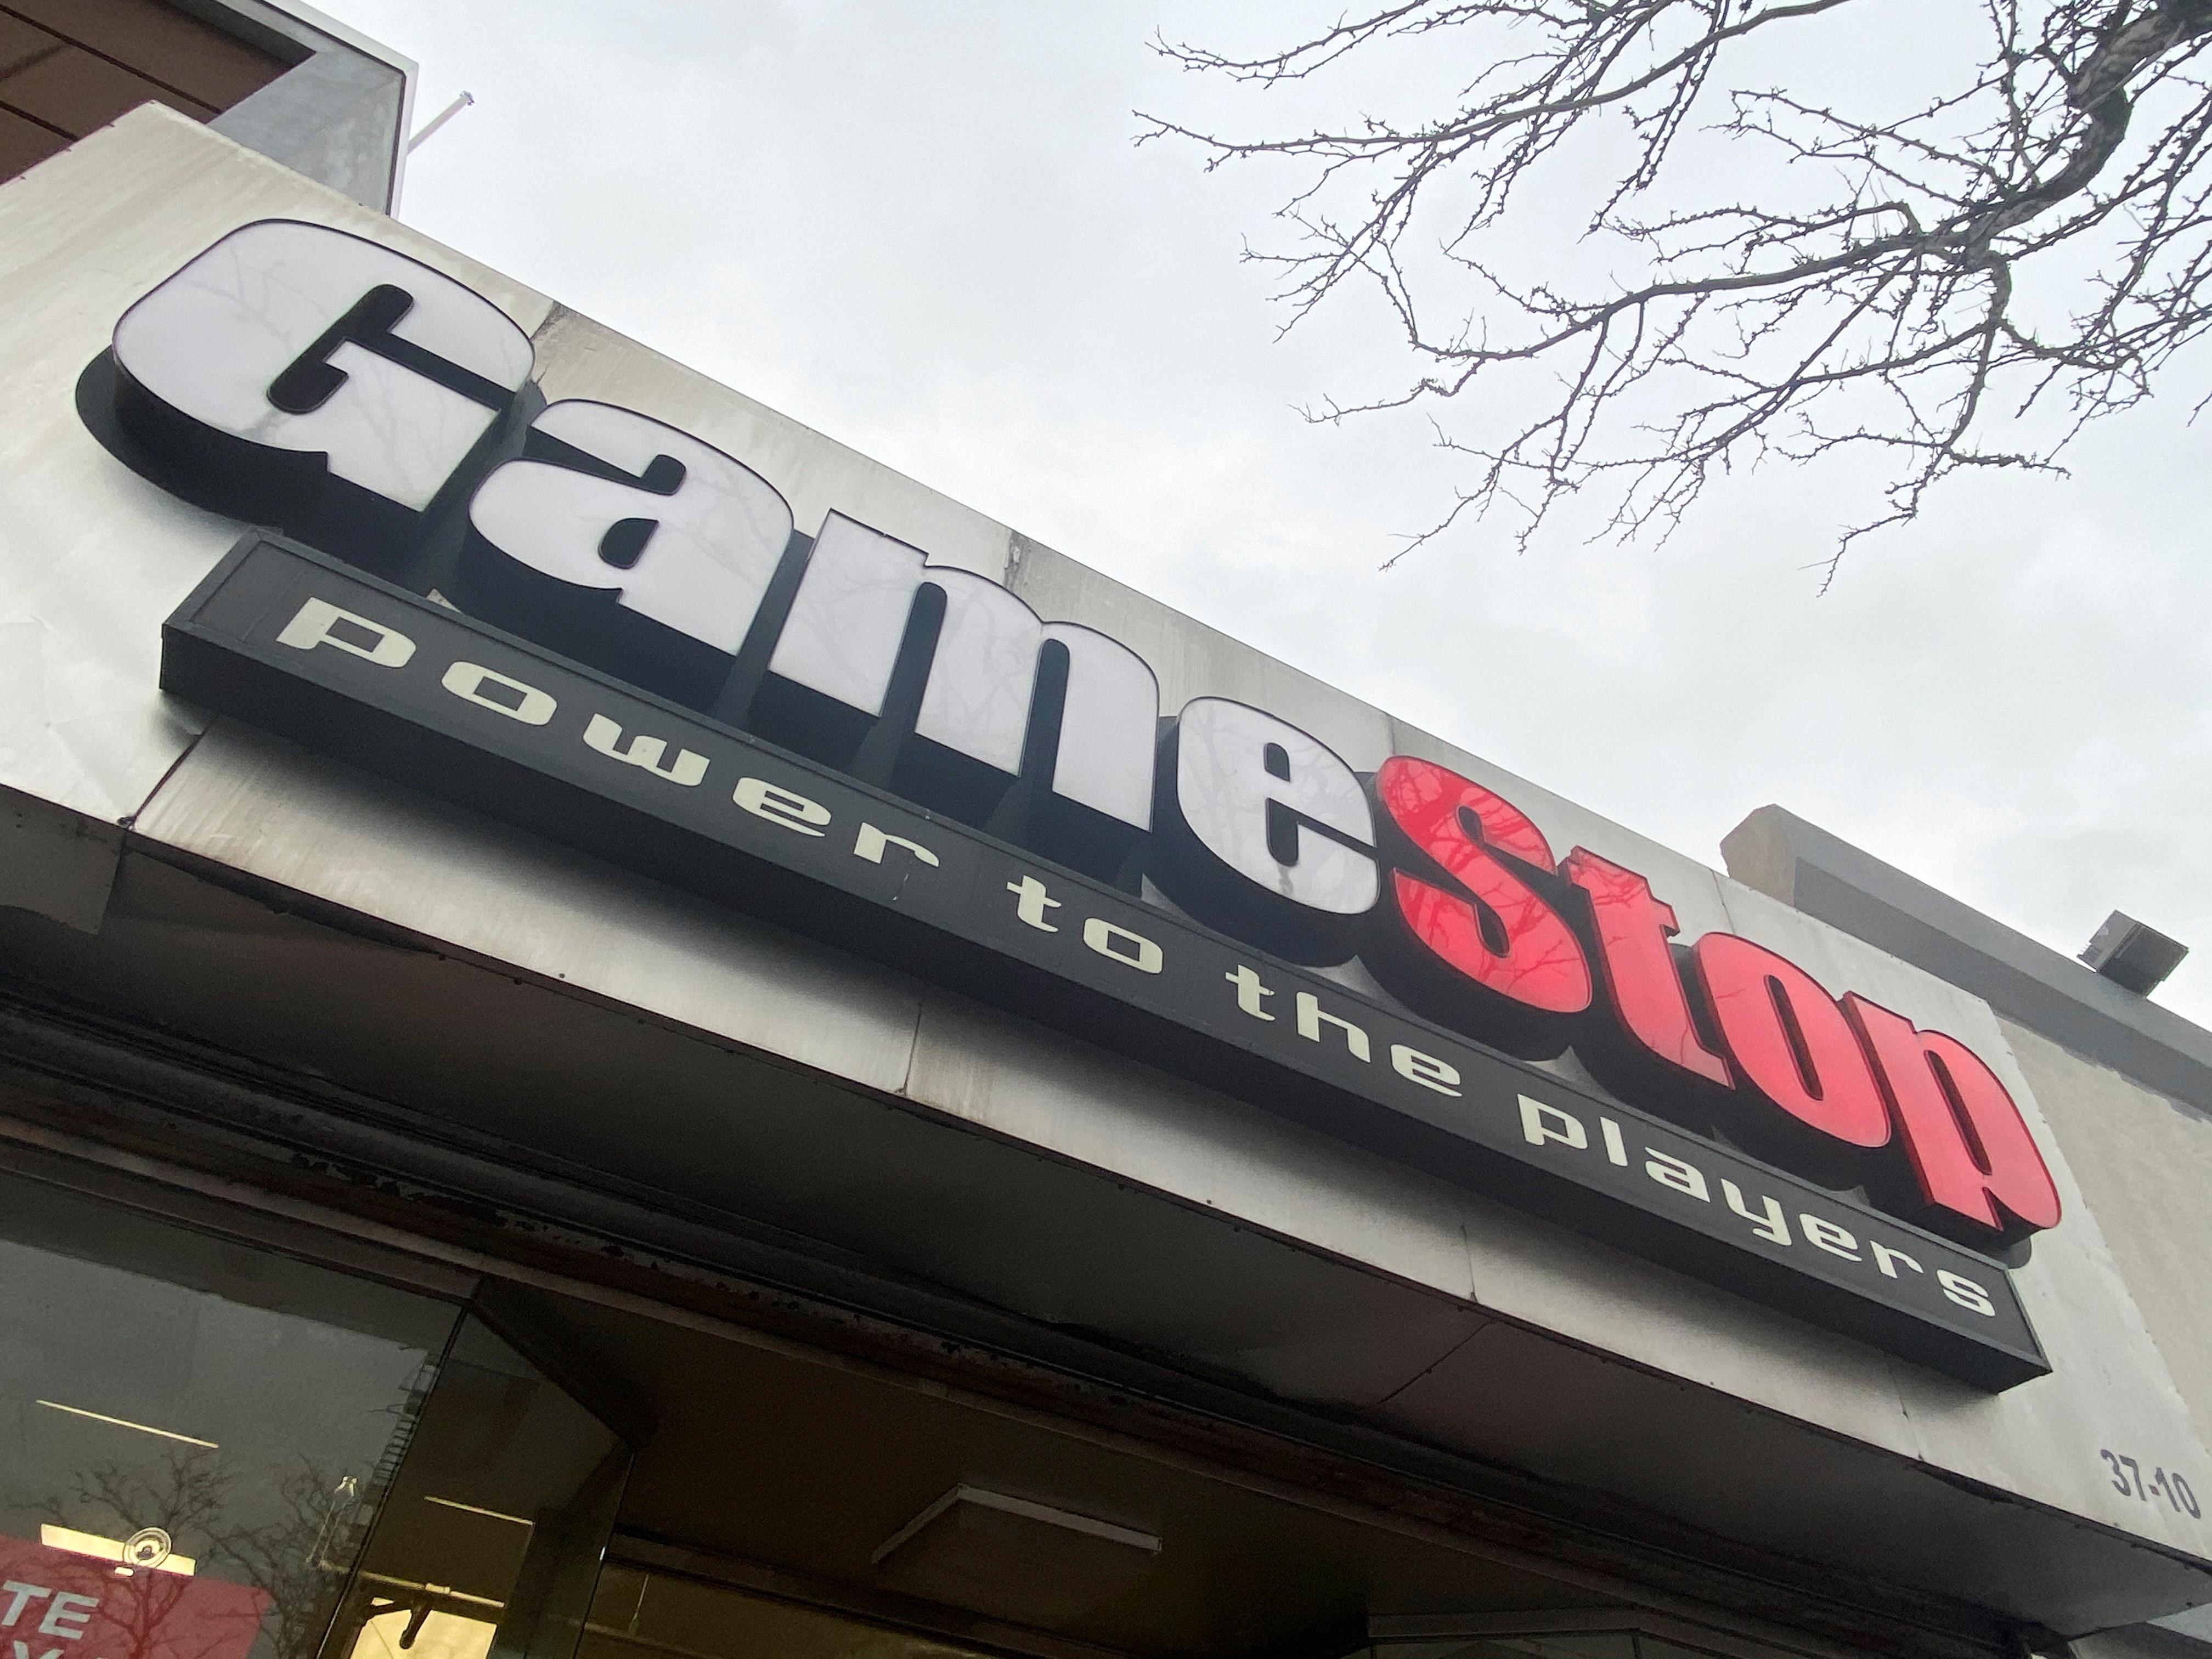 A GameStop store is seen in New York, U.S., January 27, 2021.  REUTERS/Nick Zieminski